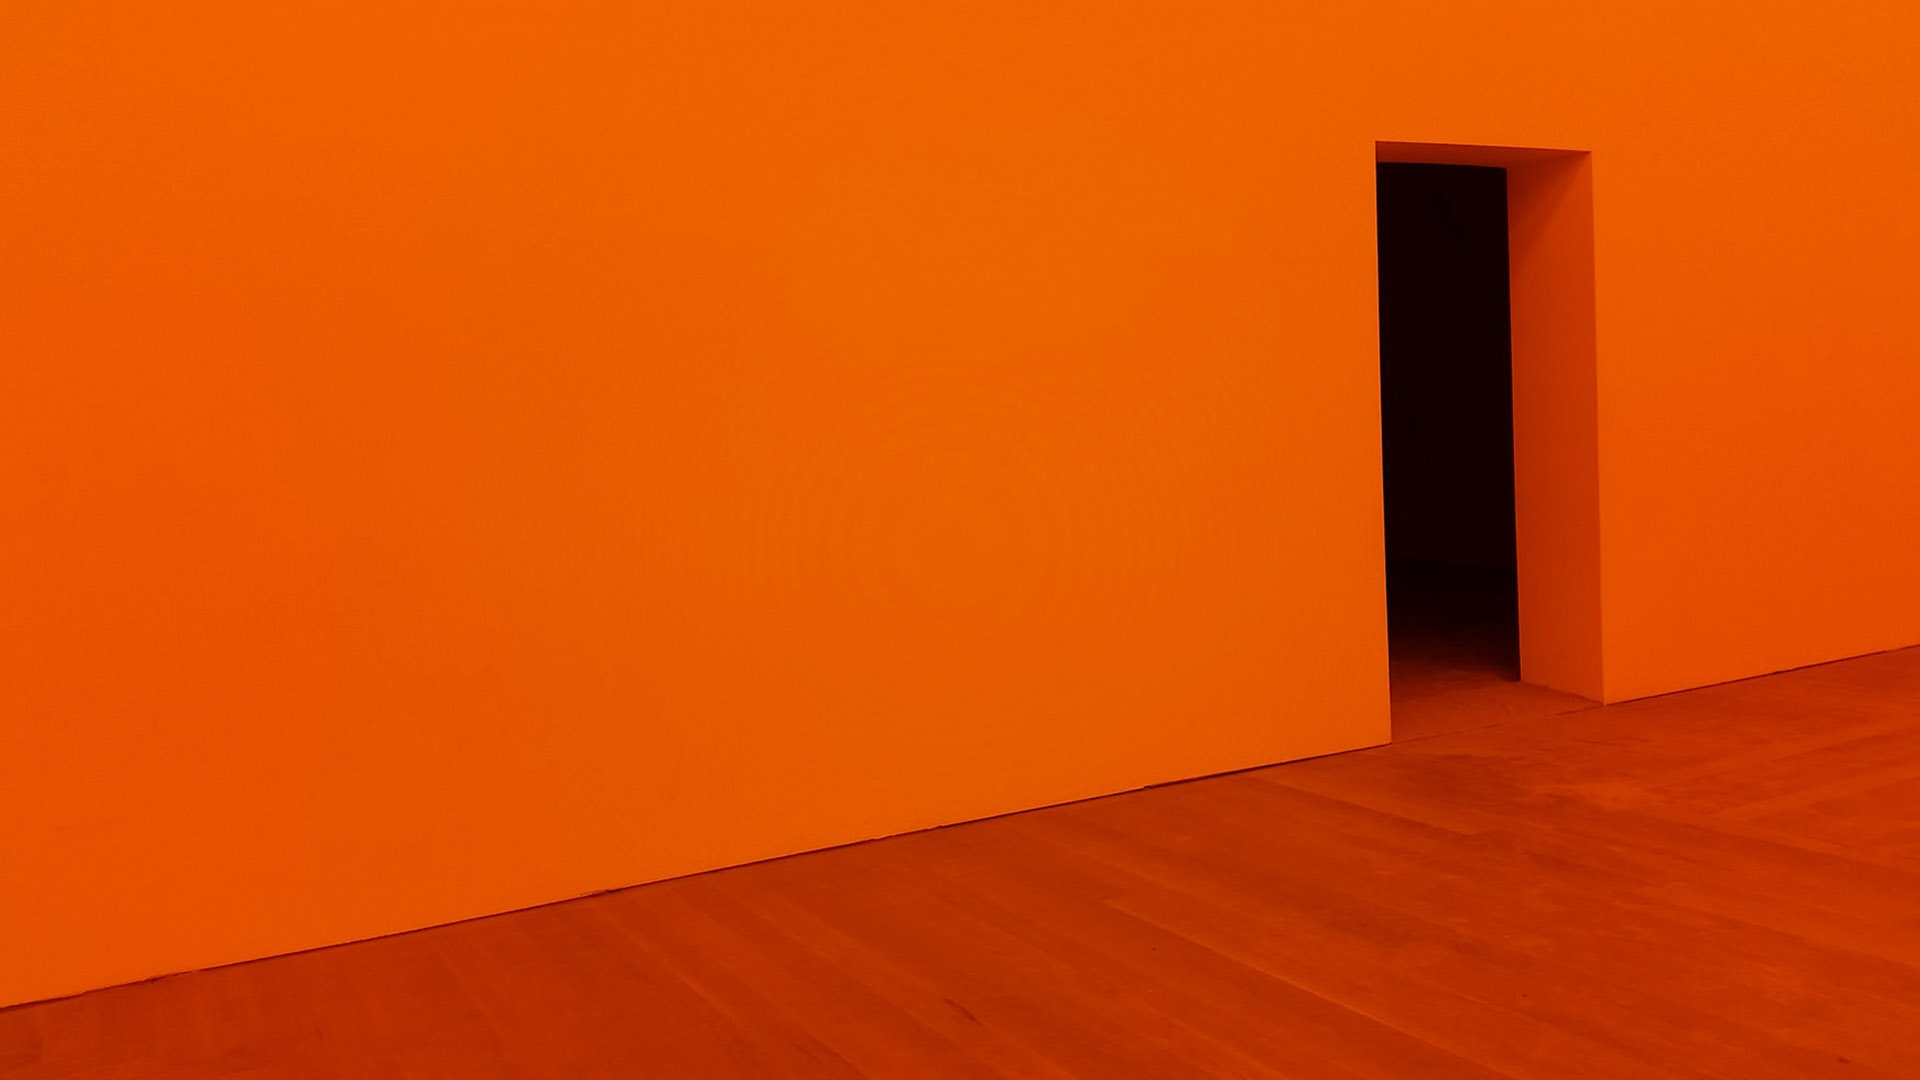 Rode ruimte met een uitgang